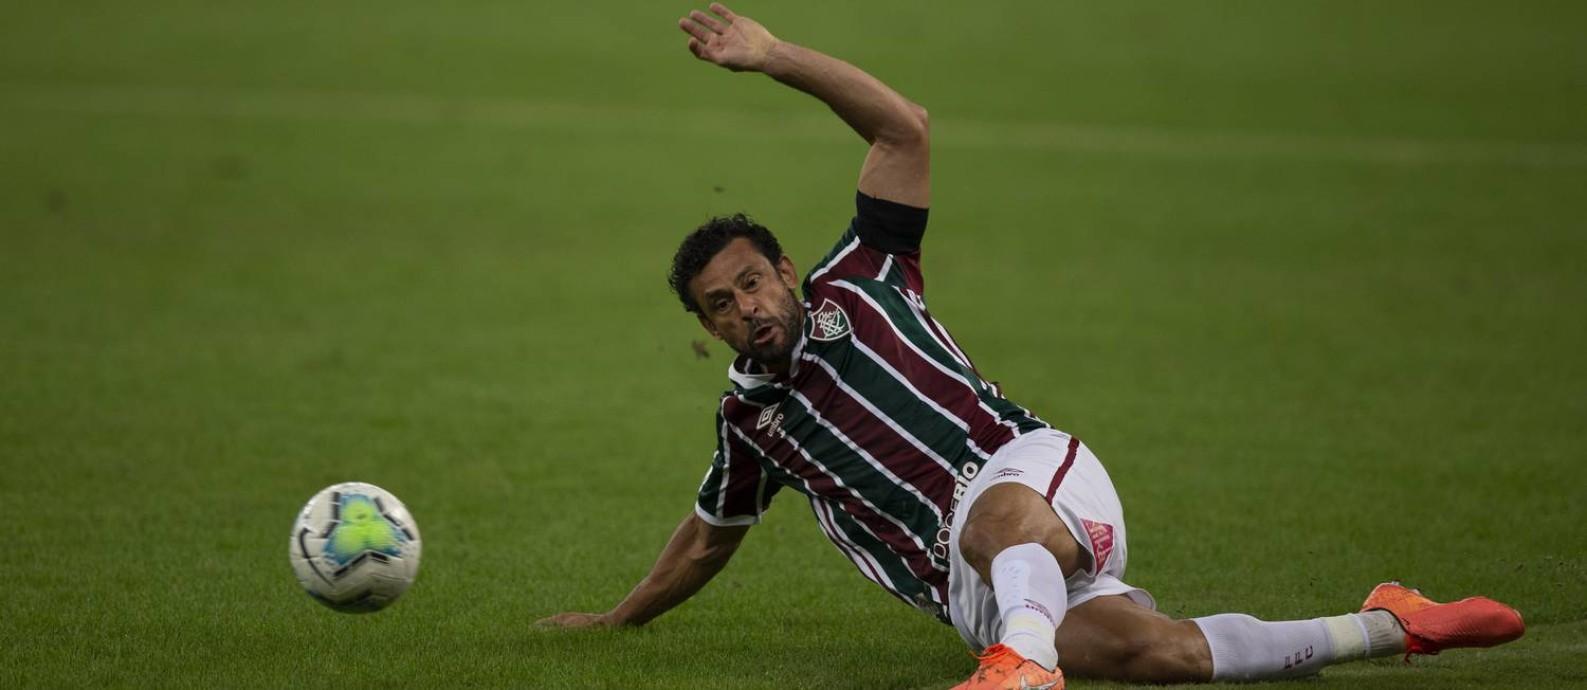 Fred saiu machucado no empate entre Fluminense e Palmeiras no Maracanã Foto: Alexandre Cassiano / Agência O Globo